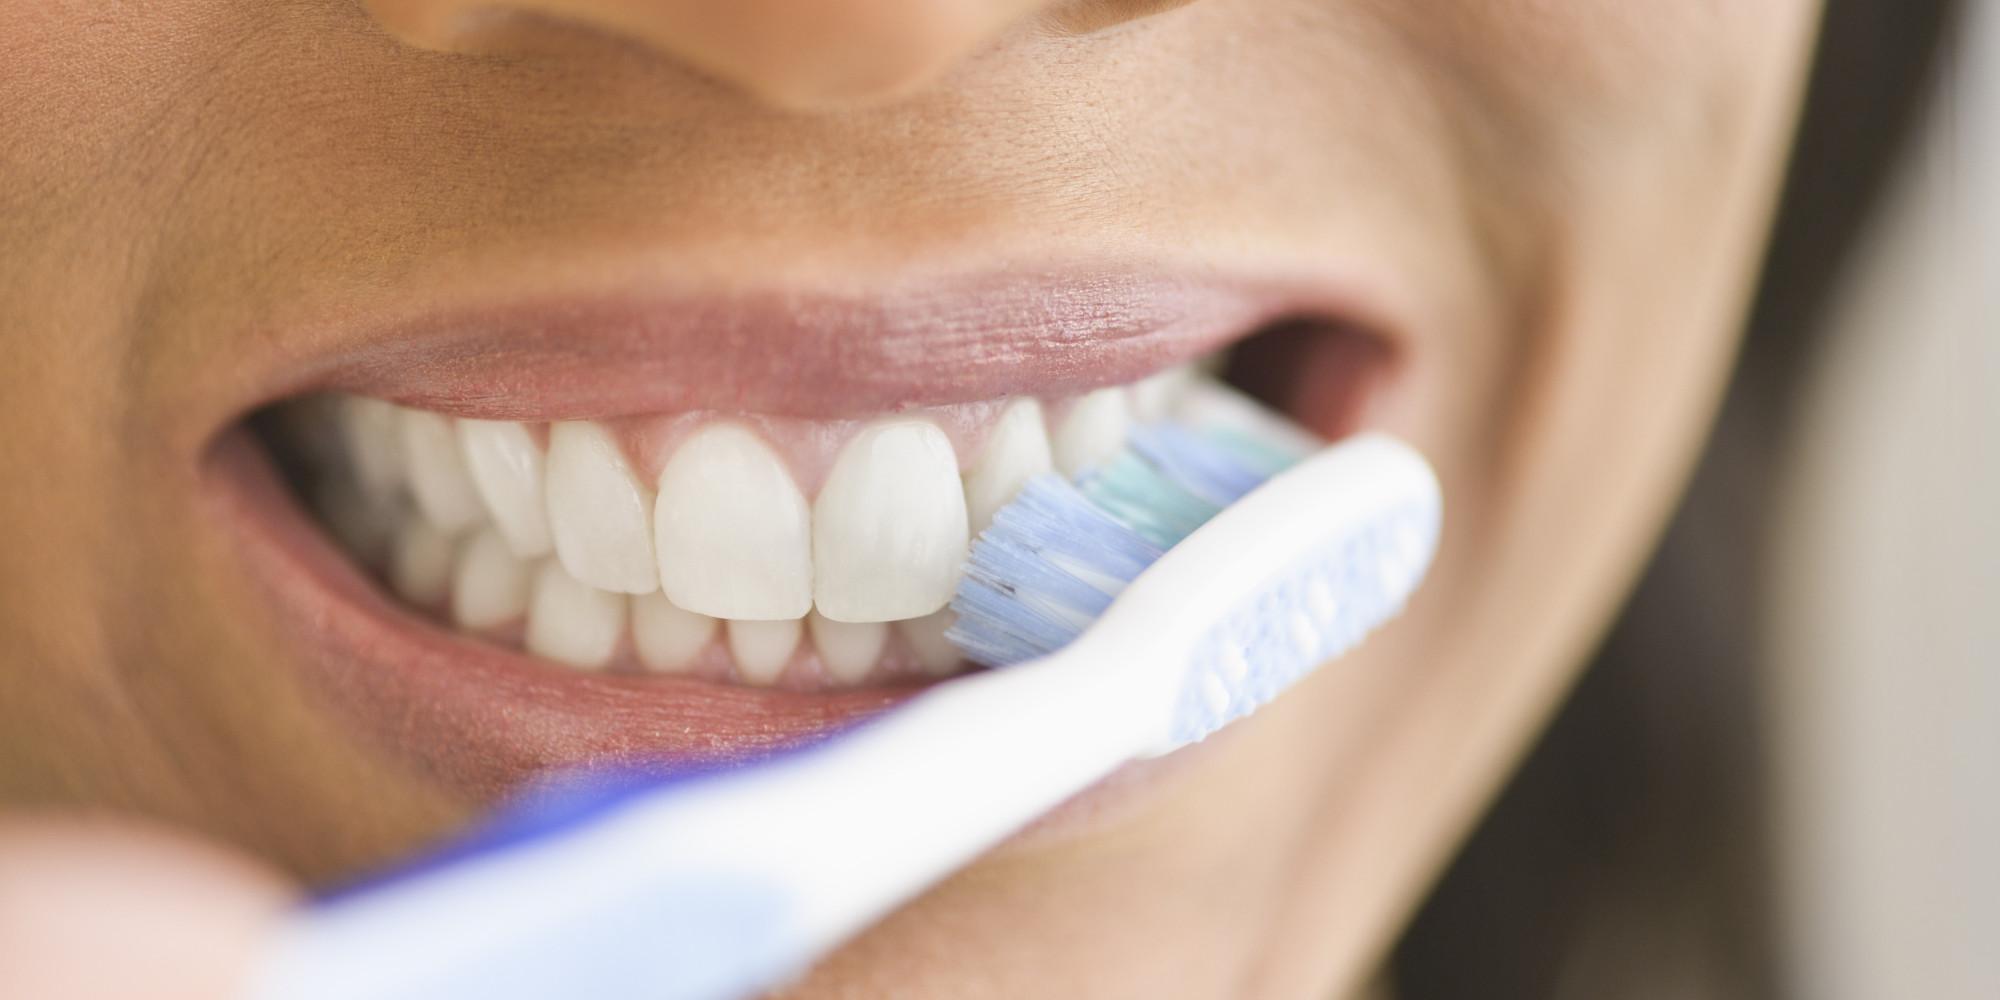 dantu balinimas namuose